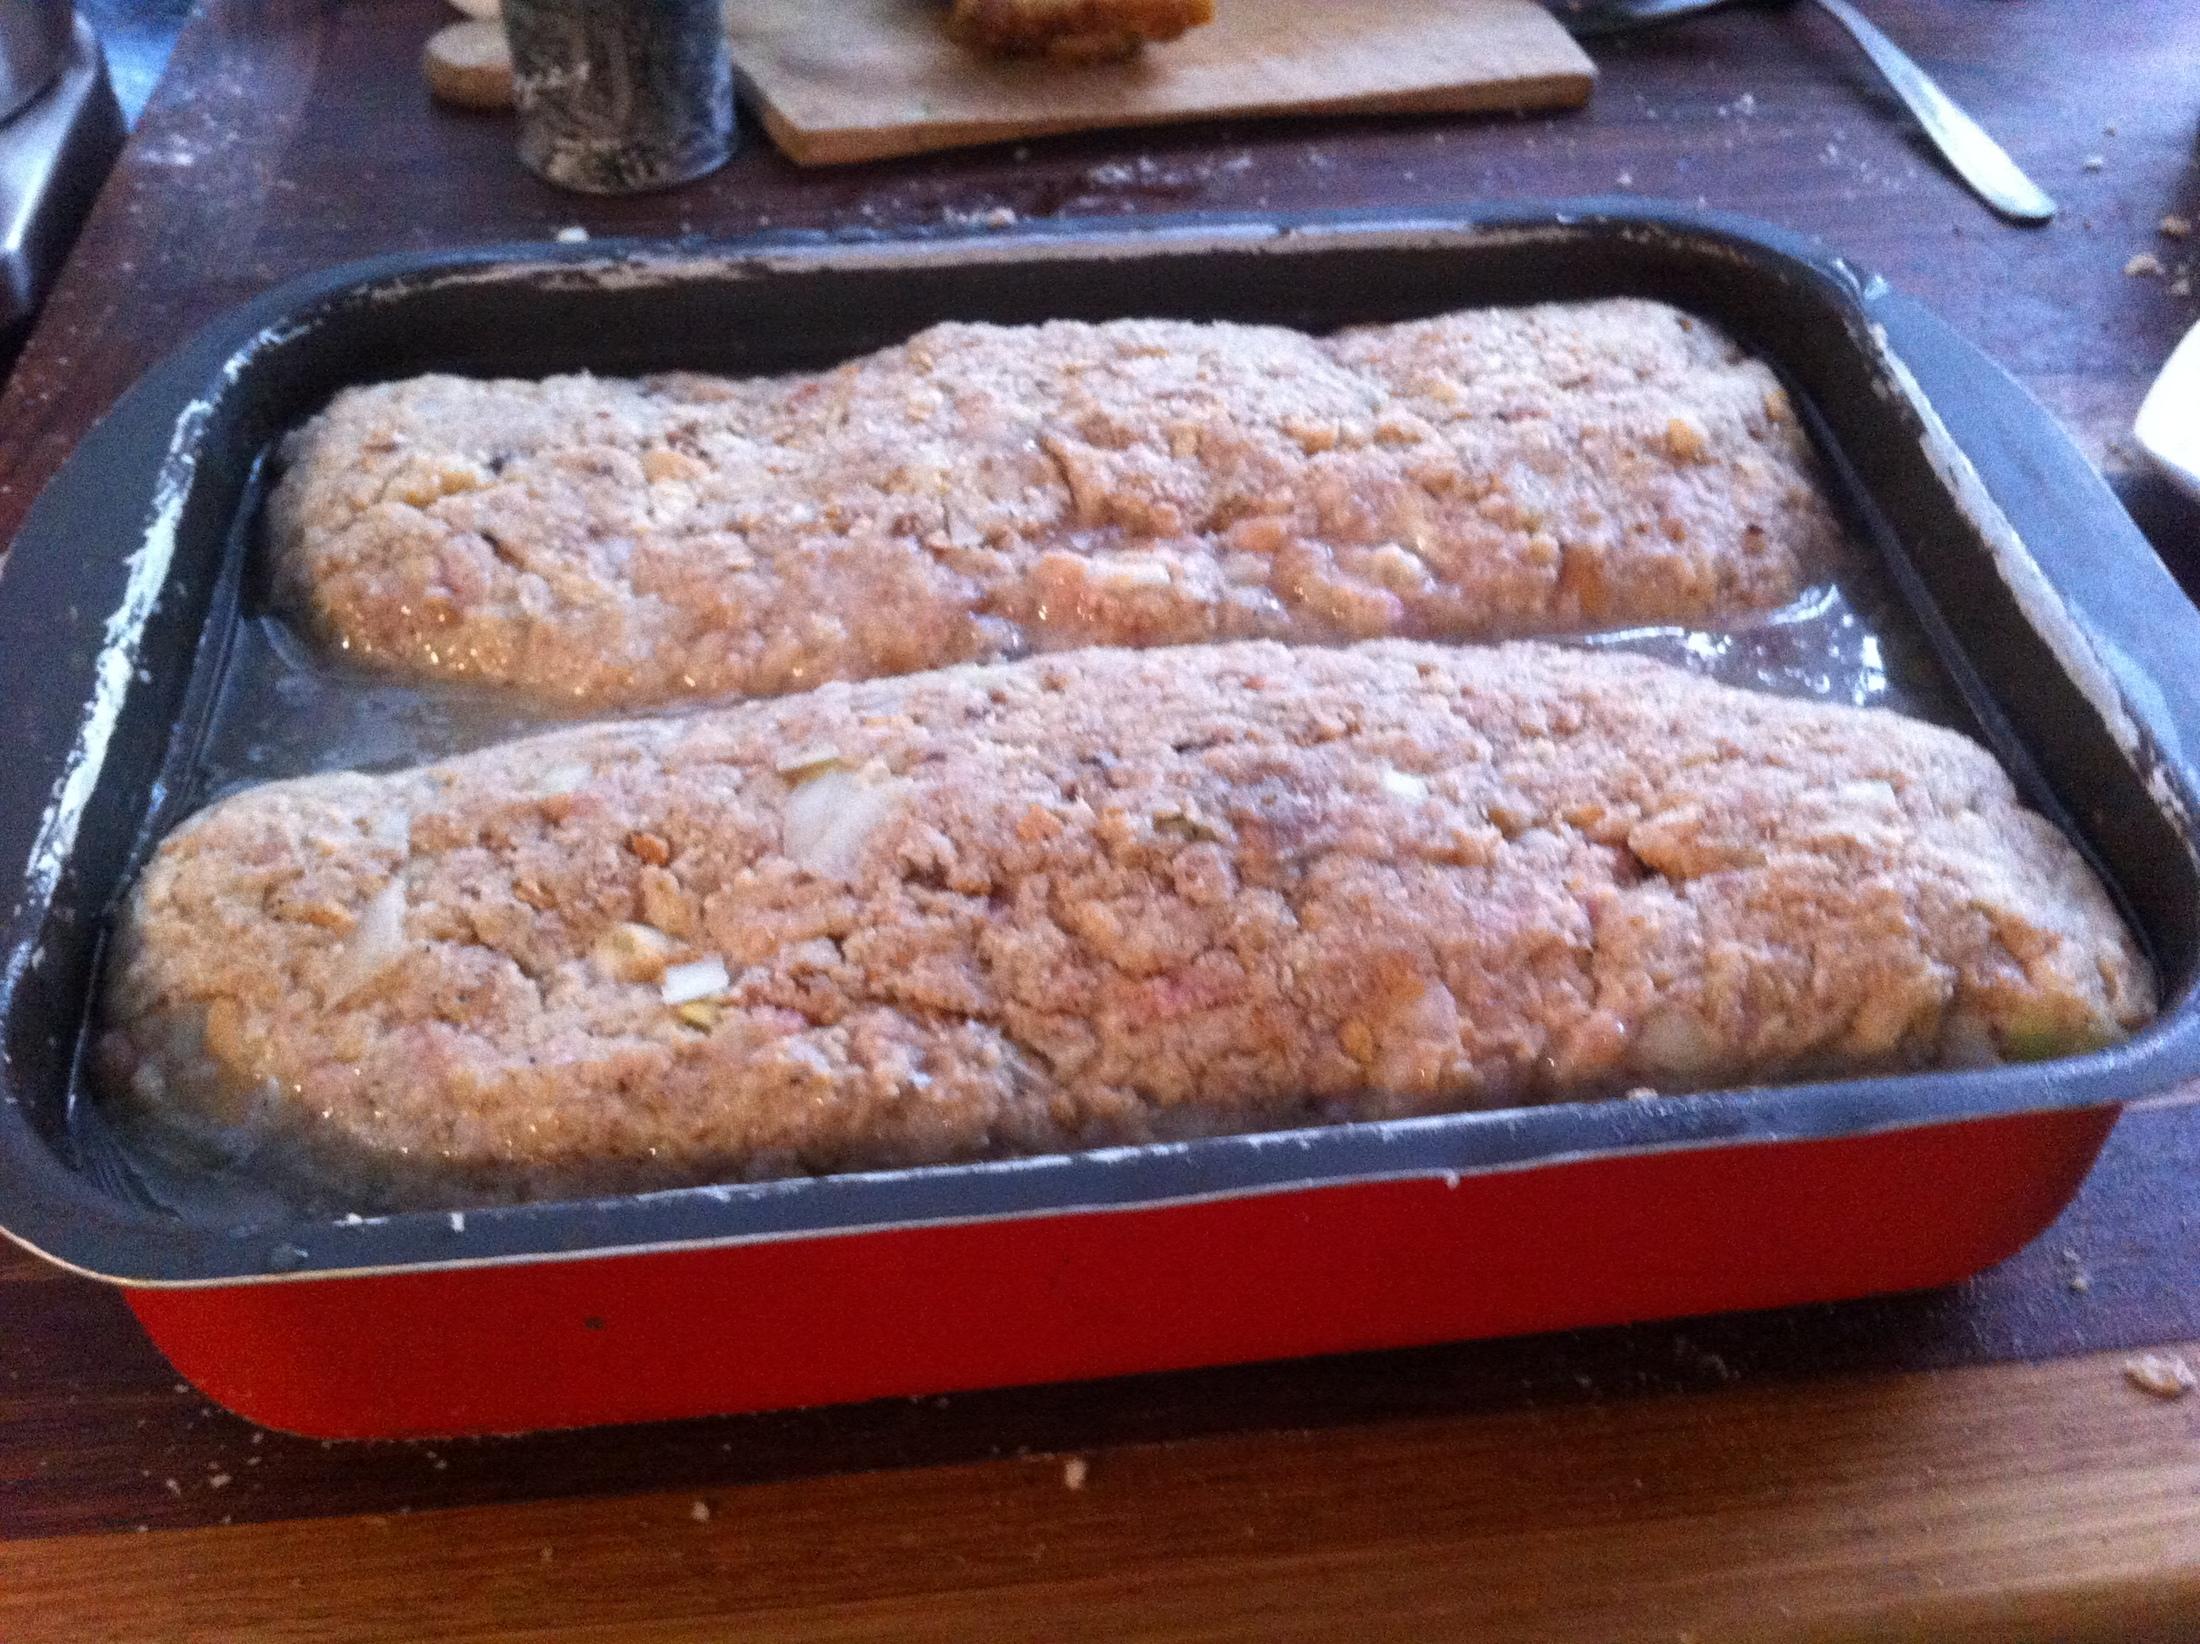 Recept Domácí sekaná - vlozim do pekacku a podleju vodou